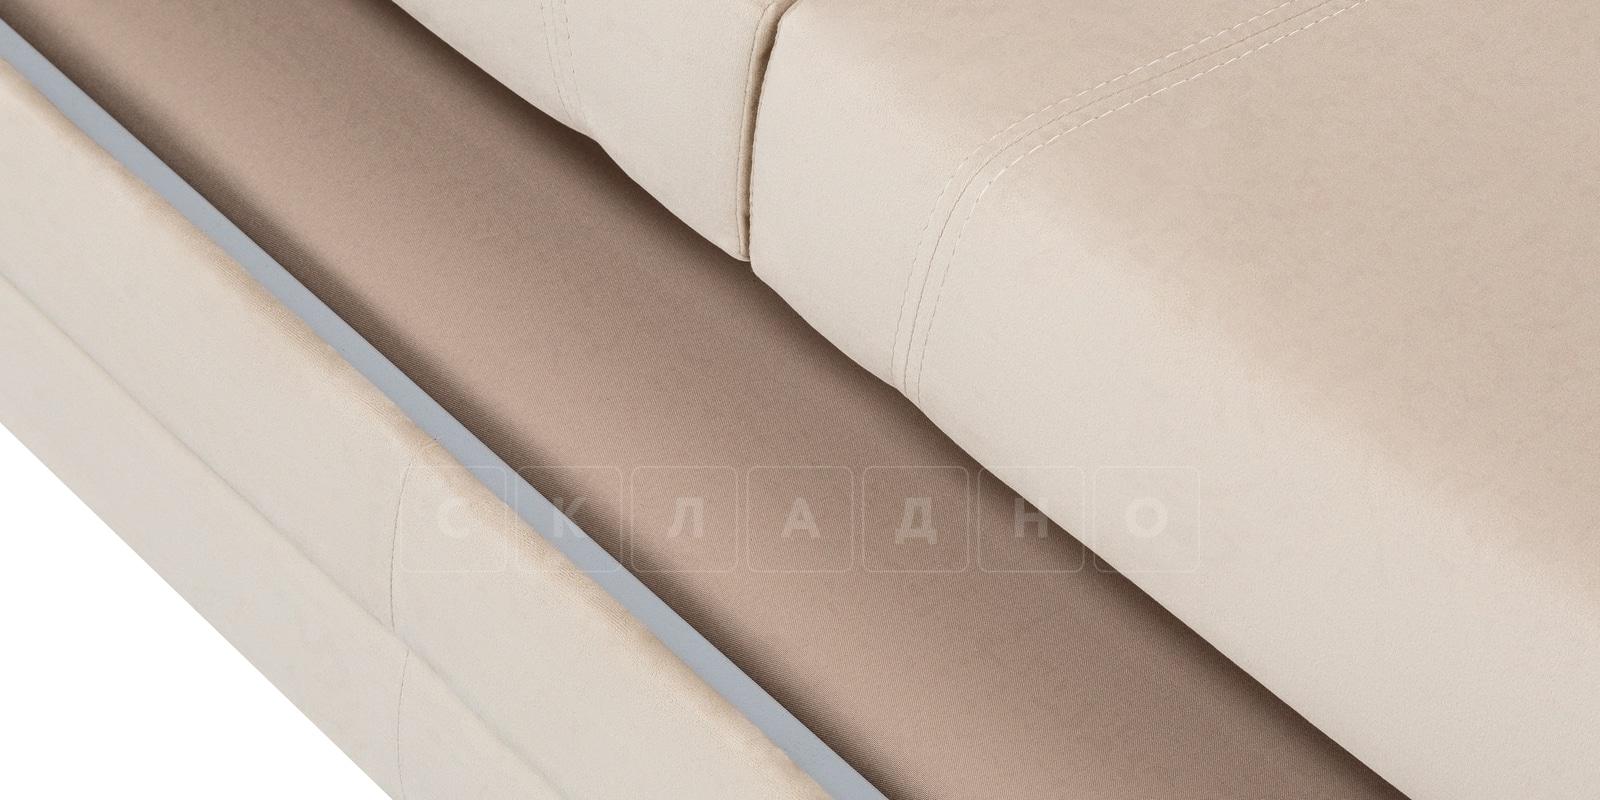 Диван угловой Бристоль велюр бежевый правый угол фото 7 | интернет-магазин Складно